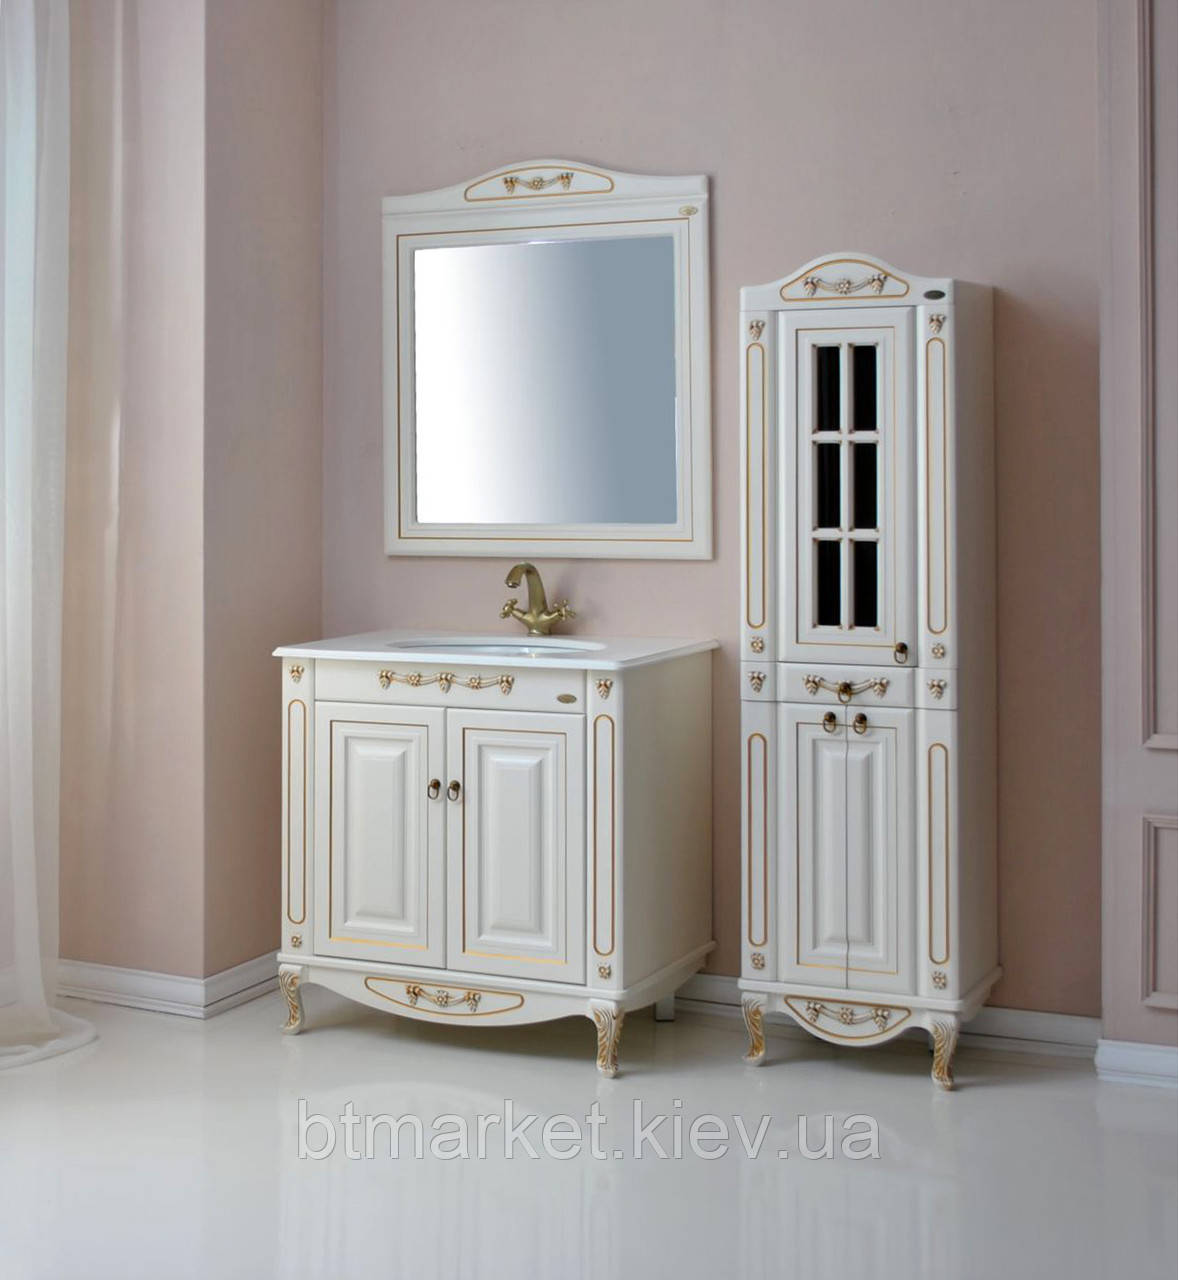 Комплект мебели Ольвия (Атолл) Верона 85 глухой фасад столешница камень dorato